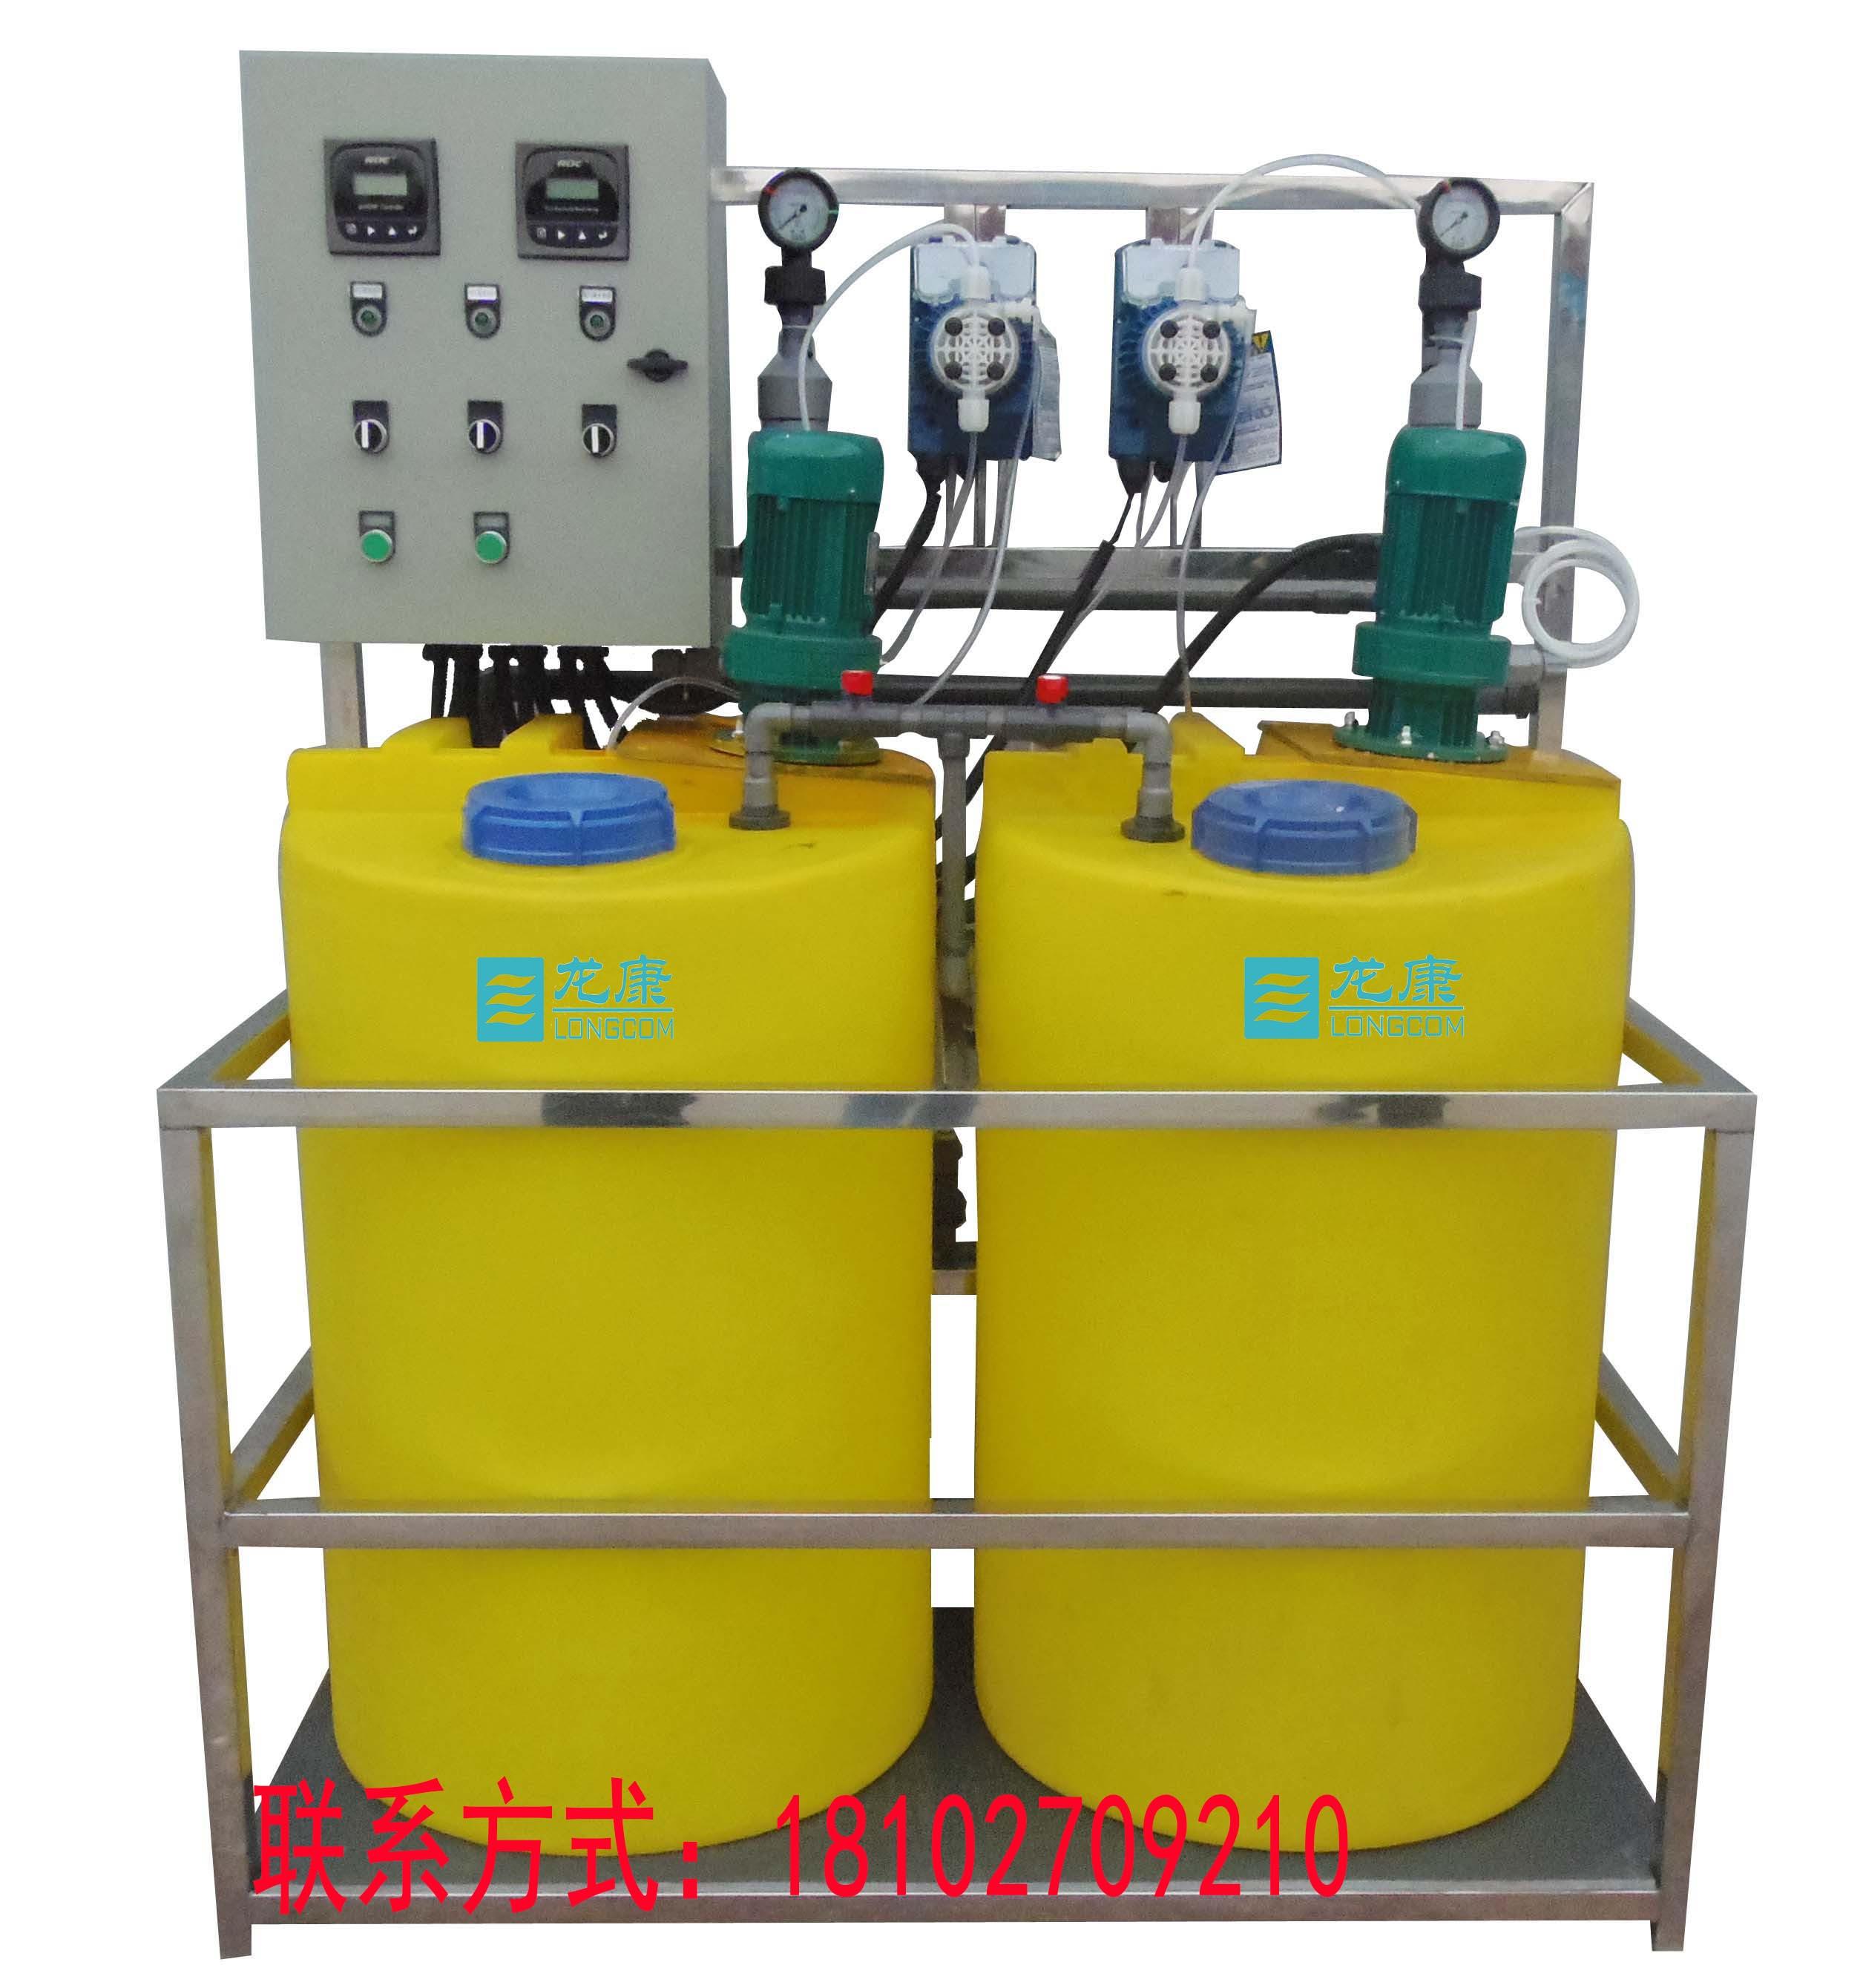 一体化加药装置 供应加药装置 全自动加药装置 加药装置厂家